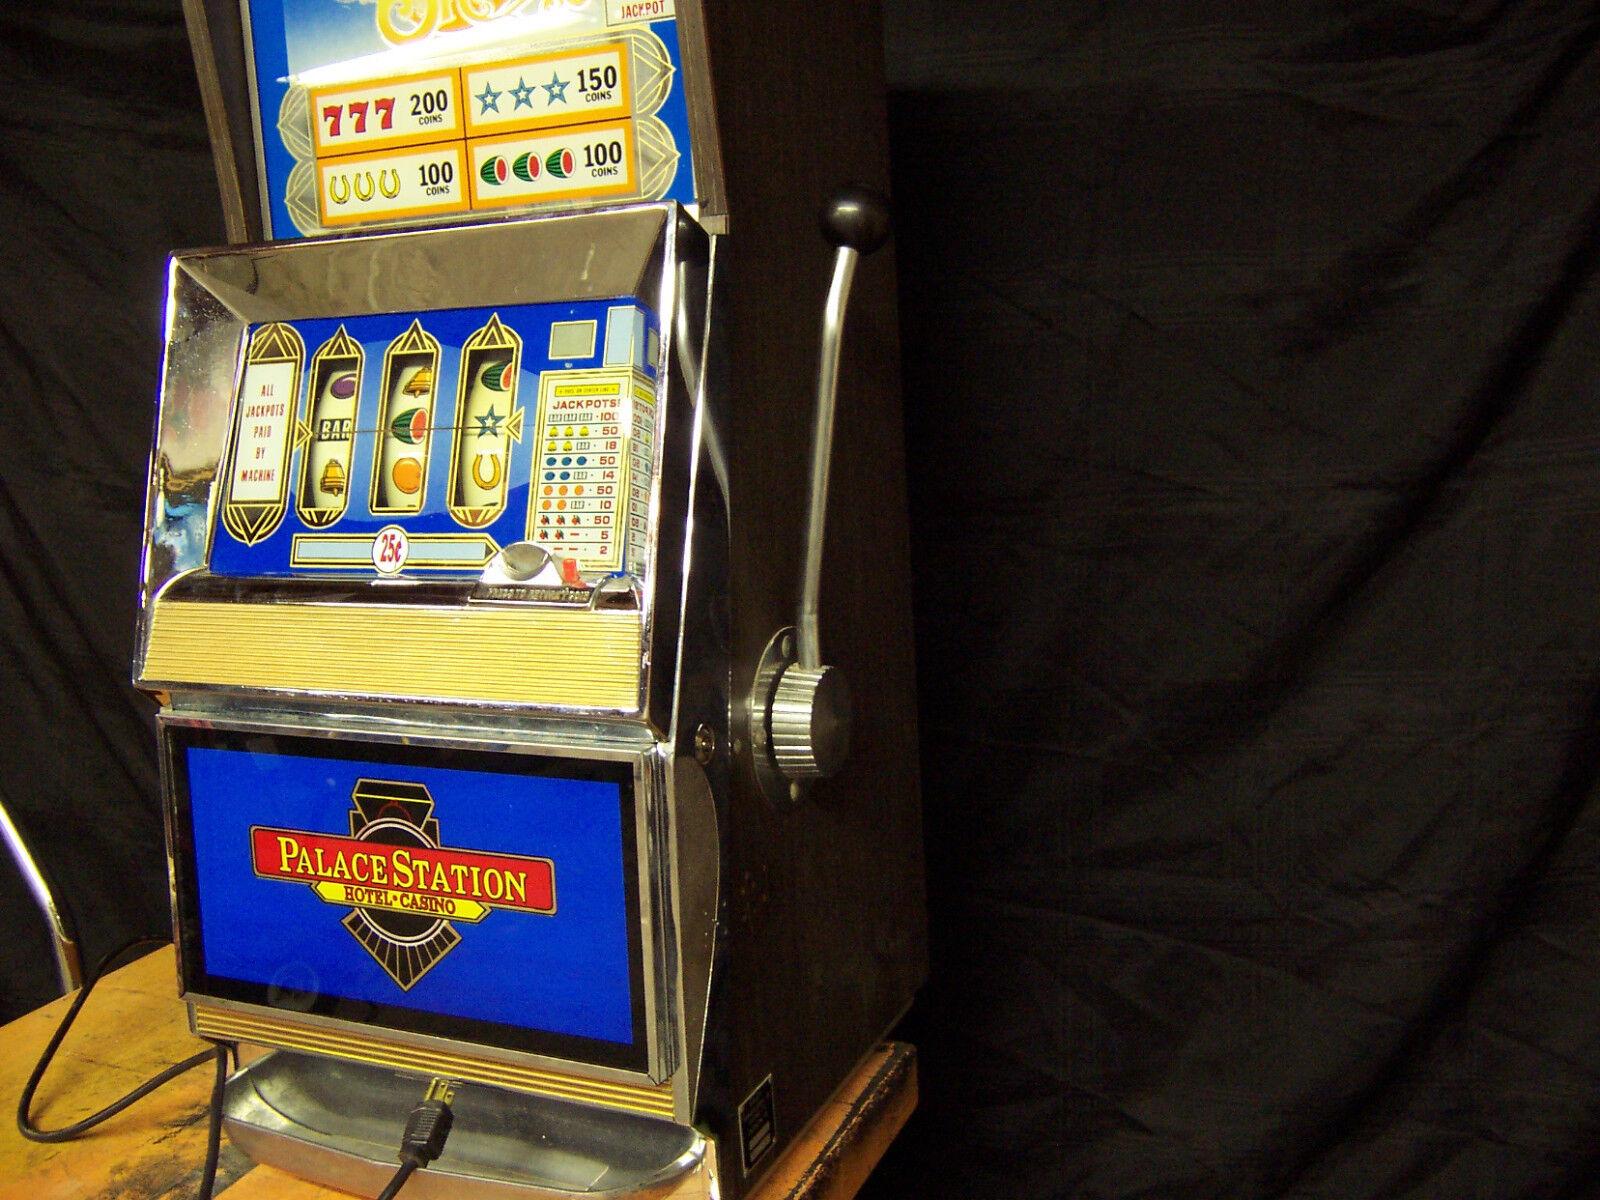 Bally e2000 slot machine